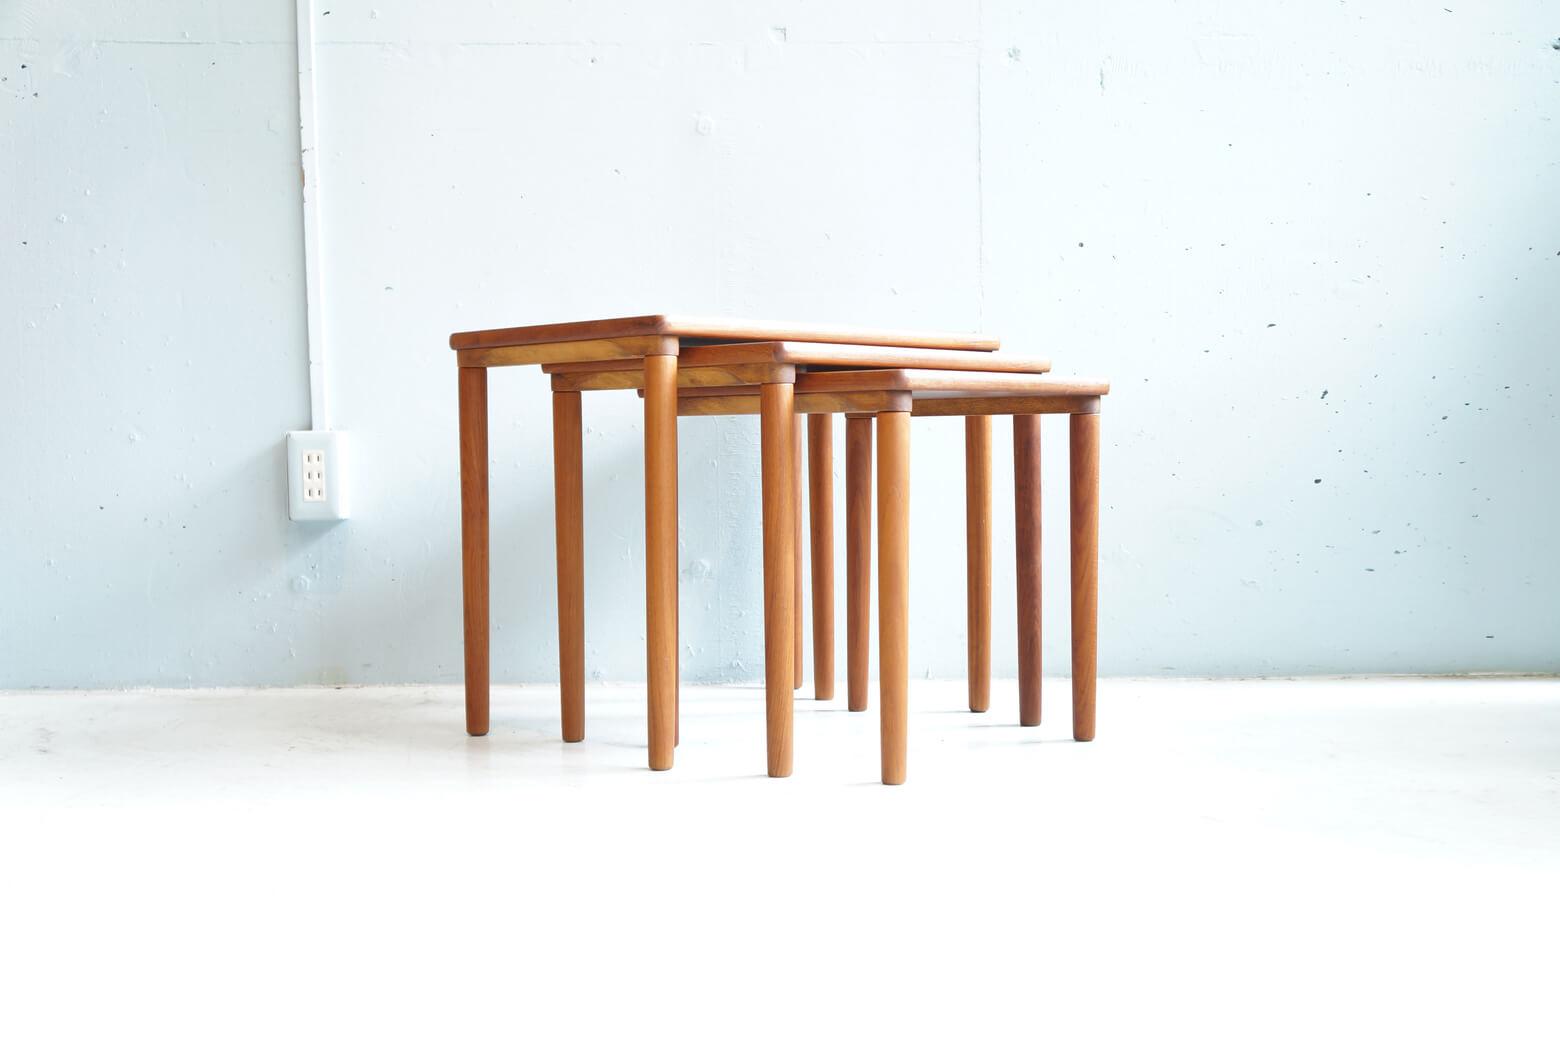 DANISH VINTAGE MOBELFABRIKKEN TOFTEN NEST TABLE Design by E. W. Bach / デンマーク ビンテージ ネストテーブル まさに北欧家具ともいうべき 究極なまでにシンプルで機能的かつ 素材の持つ本来の美しさを最大限に活かした E. W. Bachデザインのビンテージネストテーブルが入荷致しました。 なだらかに流れるチーク材の木目と 滑らかにシェイプされ、丸みの帯びた脚から 木材のもつ温かみが感じられ お部屋にやわらかな印象を与えてくれます。 装飾を排し、飽きの来ないデザインと 質の高い家具職人の技術が 長い時を経て、現存しているのも納得のお品物です。 ご使用方法といたしましては サイドテーブルや重ねてシェルフとしてもご使用いただけ 場面ごとにたくさんのご使用方法があるのもネストテーブルの魅力です。 一番小さなサイズのテーブル、天板裏に素材の内部が見えている箇所が ございますが、使用には問題ありません。 スタイリッシュな北欧モダンインテリアに相性の良い こちらのネストテーブル、是非この機会にいかがでしょうか。 デンマーク北欧,ヴィンテージ,北欧デザイン,北欧 ライト,フロア,ランプランプ,denmark,scandinavian,照明,scandinavian vintage,vintage,北欧,北欧雑貨,中古,東京都,杉並区,阿佐ヶ谷,北,アンティーク,ショップ,古一,ZACK,高円寺,店,古,一,出張,無料,買取,杉並区,周辺,世田谷区,目黒区,武蔵野市,新宿区,東京近郊,お見積もり,ビンテージ家具,インテリア雑貨,ランプ,USED品, リサイクル,ふるいち,フルイチ,古一,used,furuichi~【東京都杉並区阿佐ヶ谷北アンティークショップ 古一/ZACK高円寺店】 古一/ふるいちでは出張無料買取も行っております。杉並区周辺はもちろん、世田谷区・目黒区・武蔵野市・新宿区等の東京近郊のお見積もりも!ビンテージ家具・インテリア雑貨・ランプ・USED品・ リサイクルなら古一/フルイチへ~